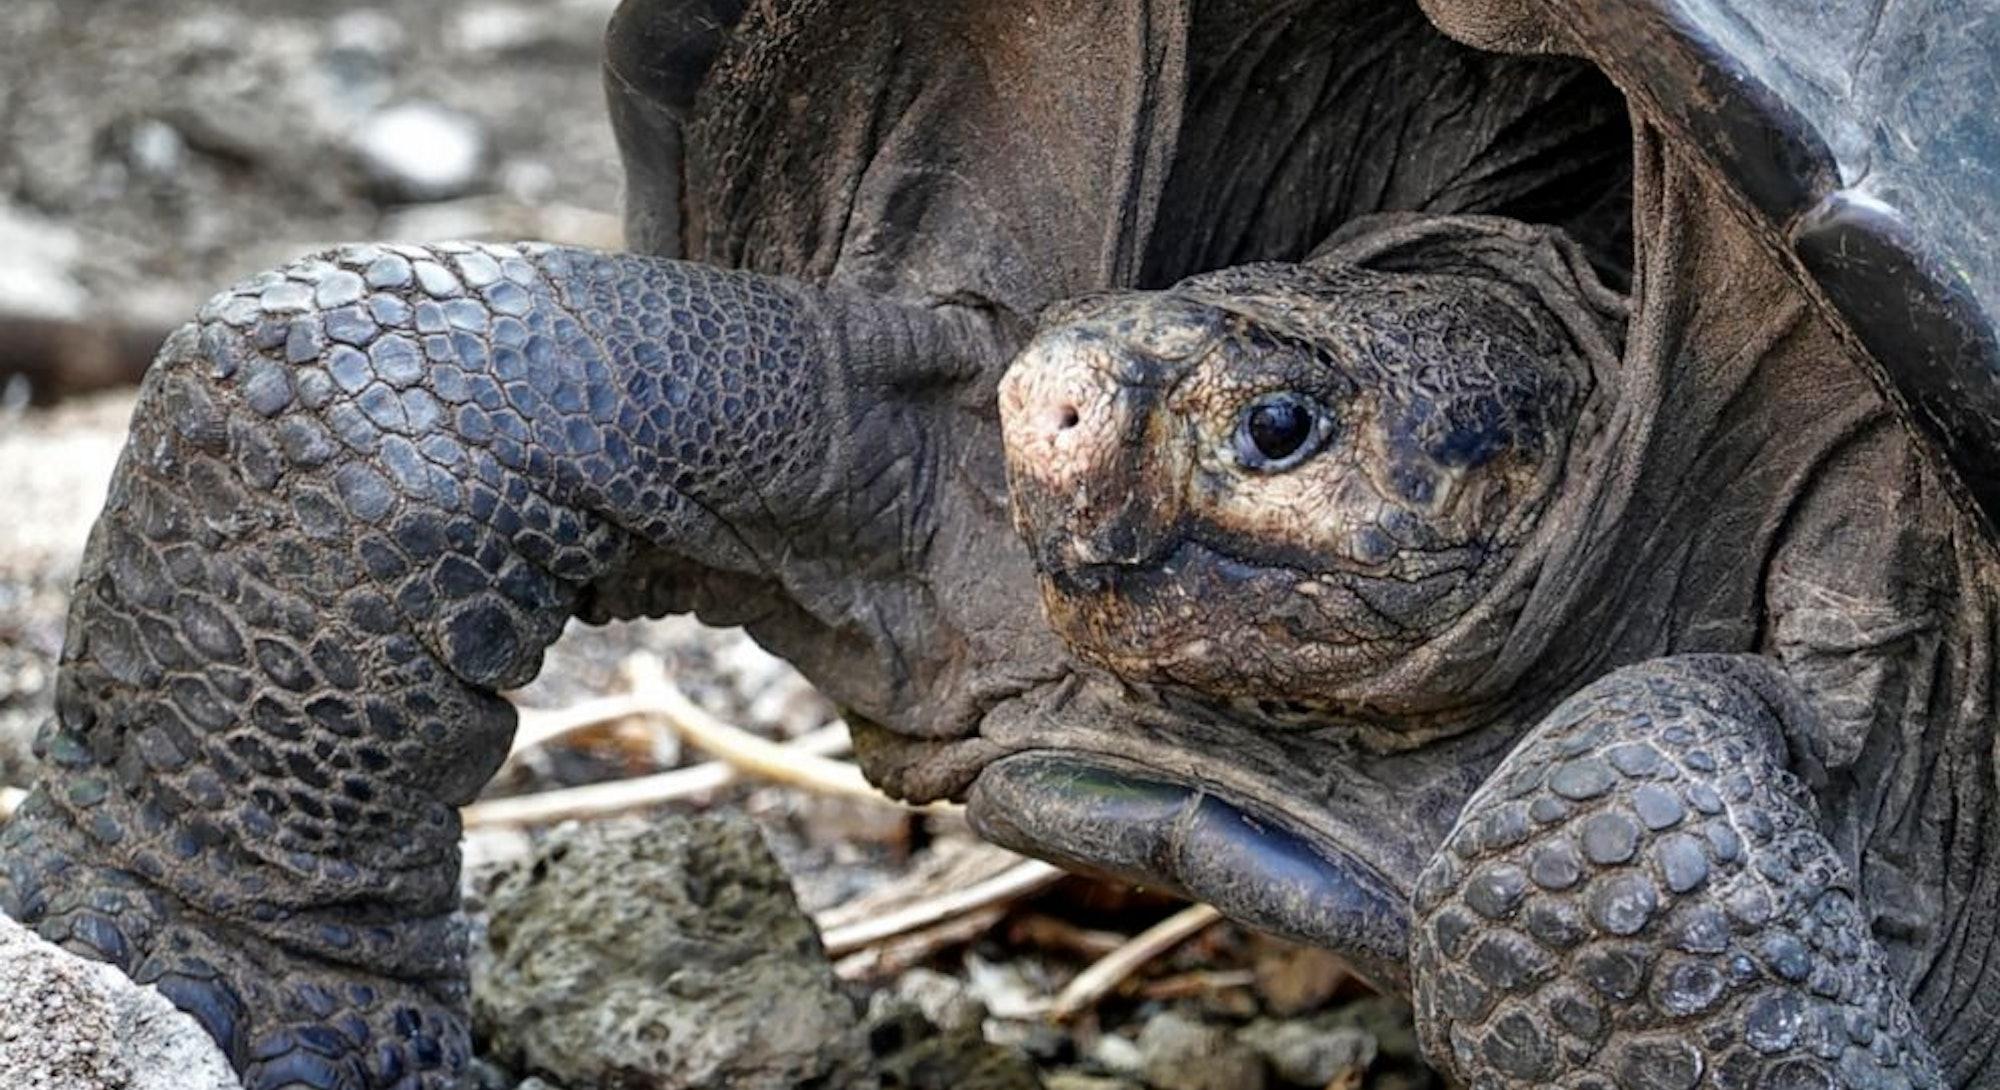 Fernandina giant tortoise